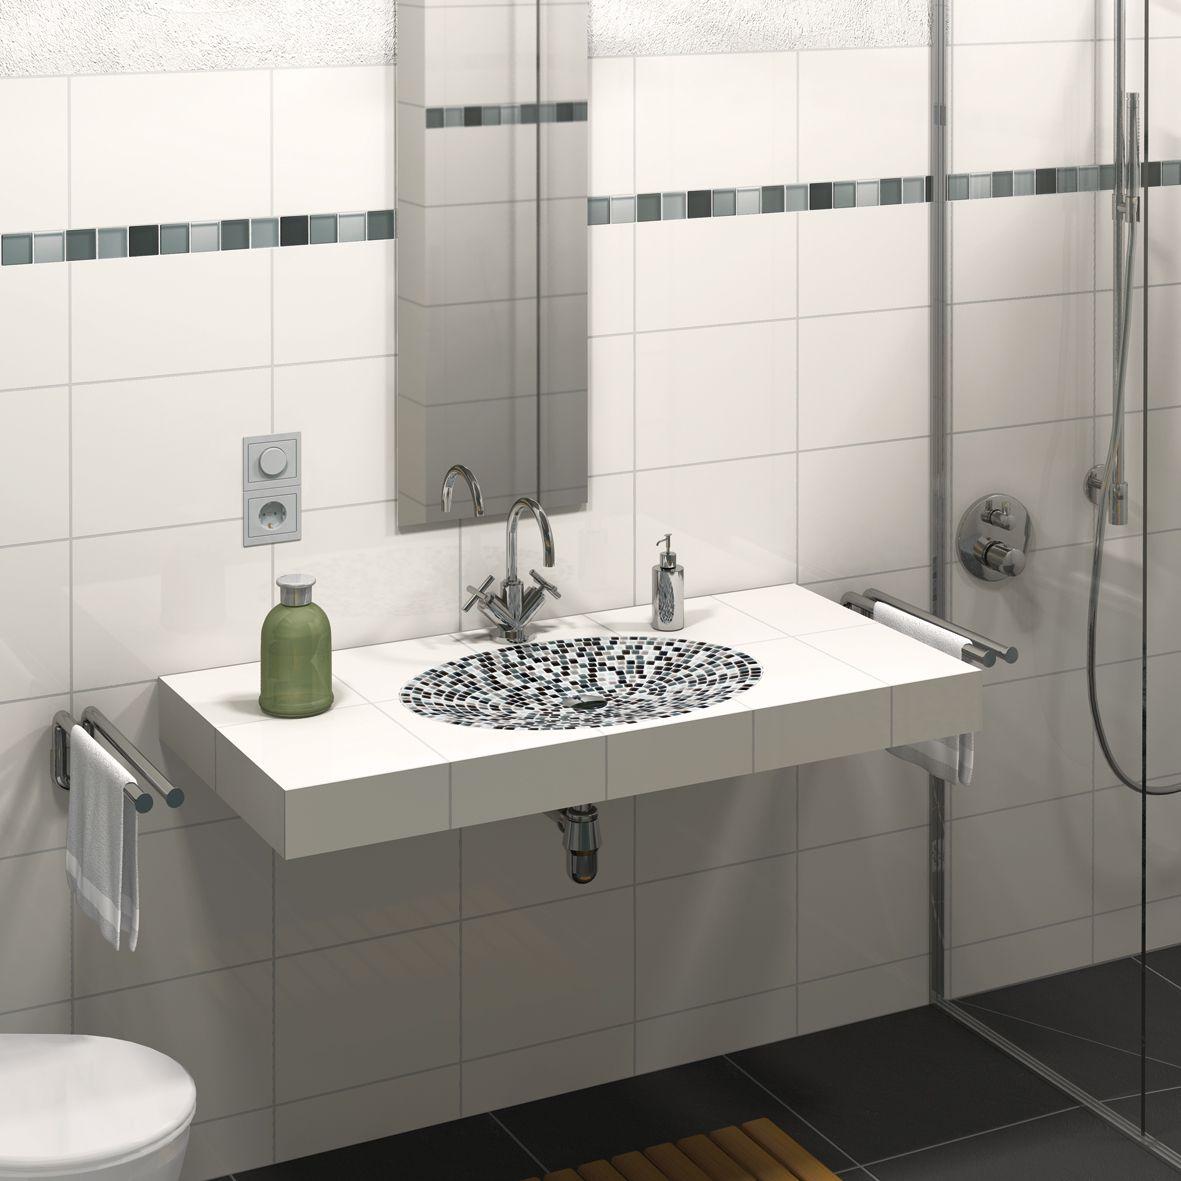 Fliesenschiene24 Waschtisch Befliesbar Mit Elliptischer Mulde Waschtisch Waschbecken Wasche